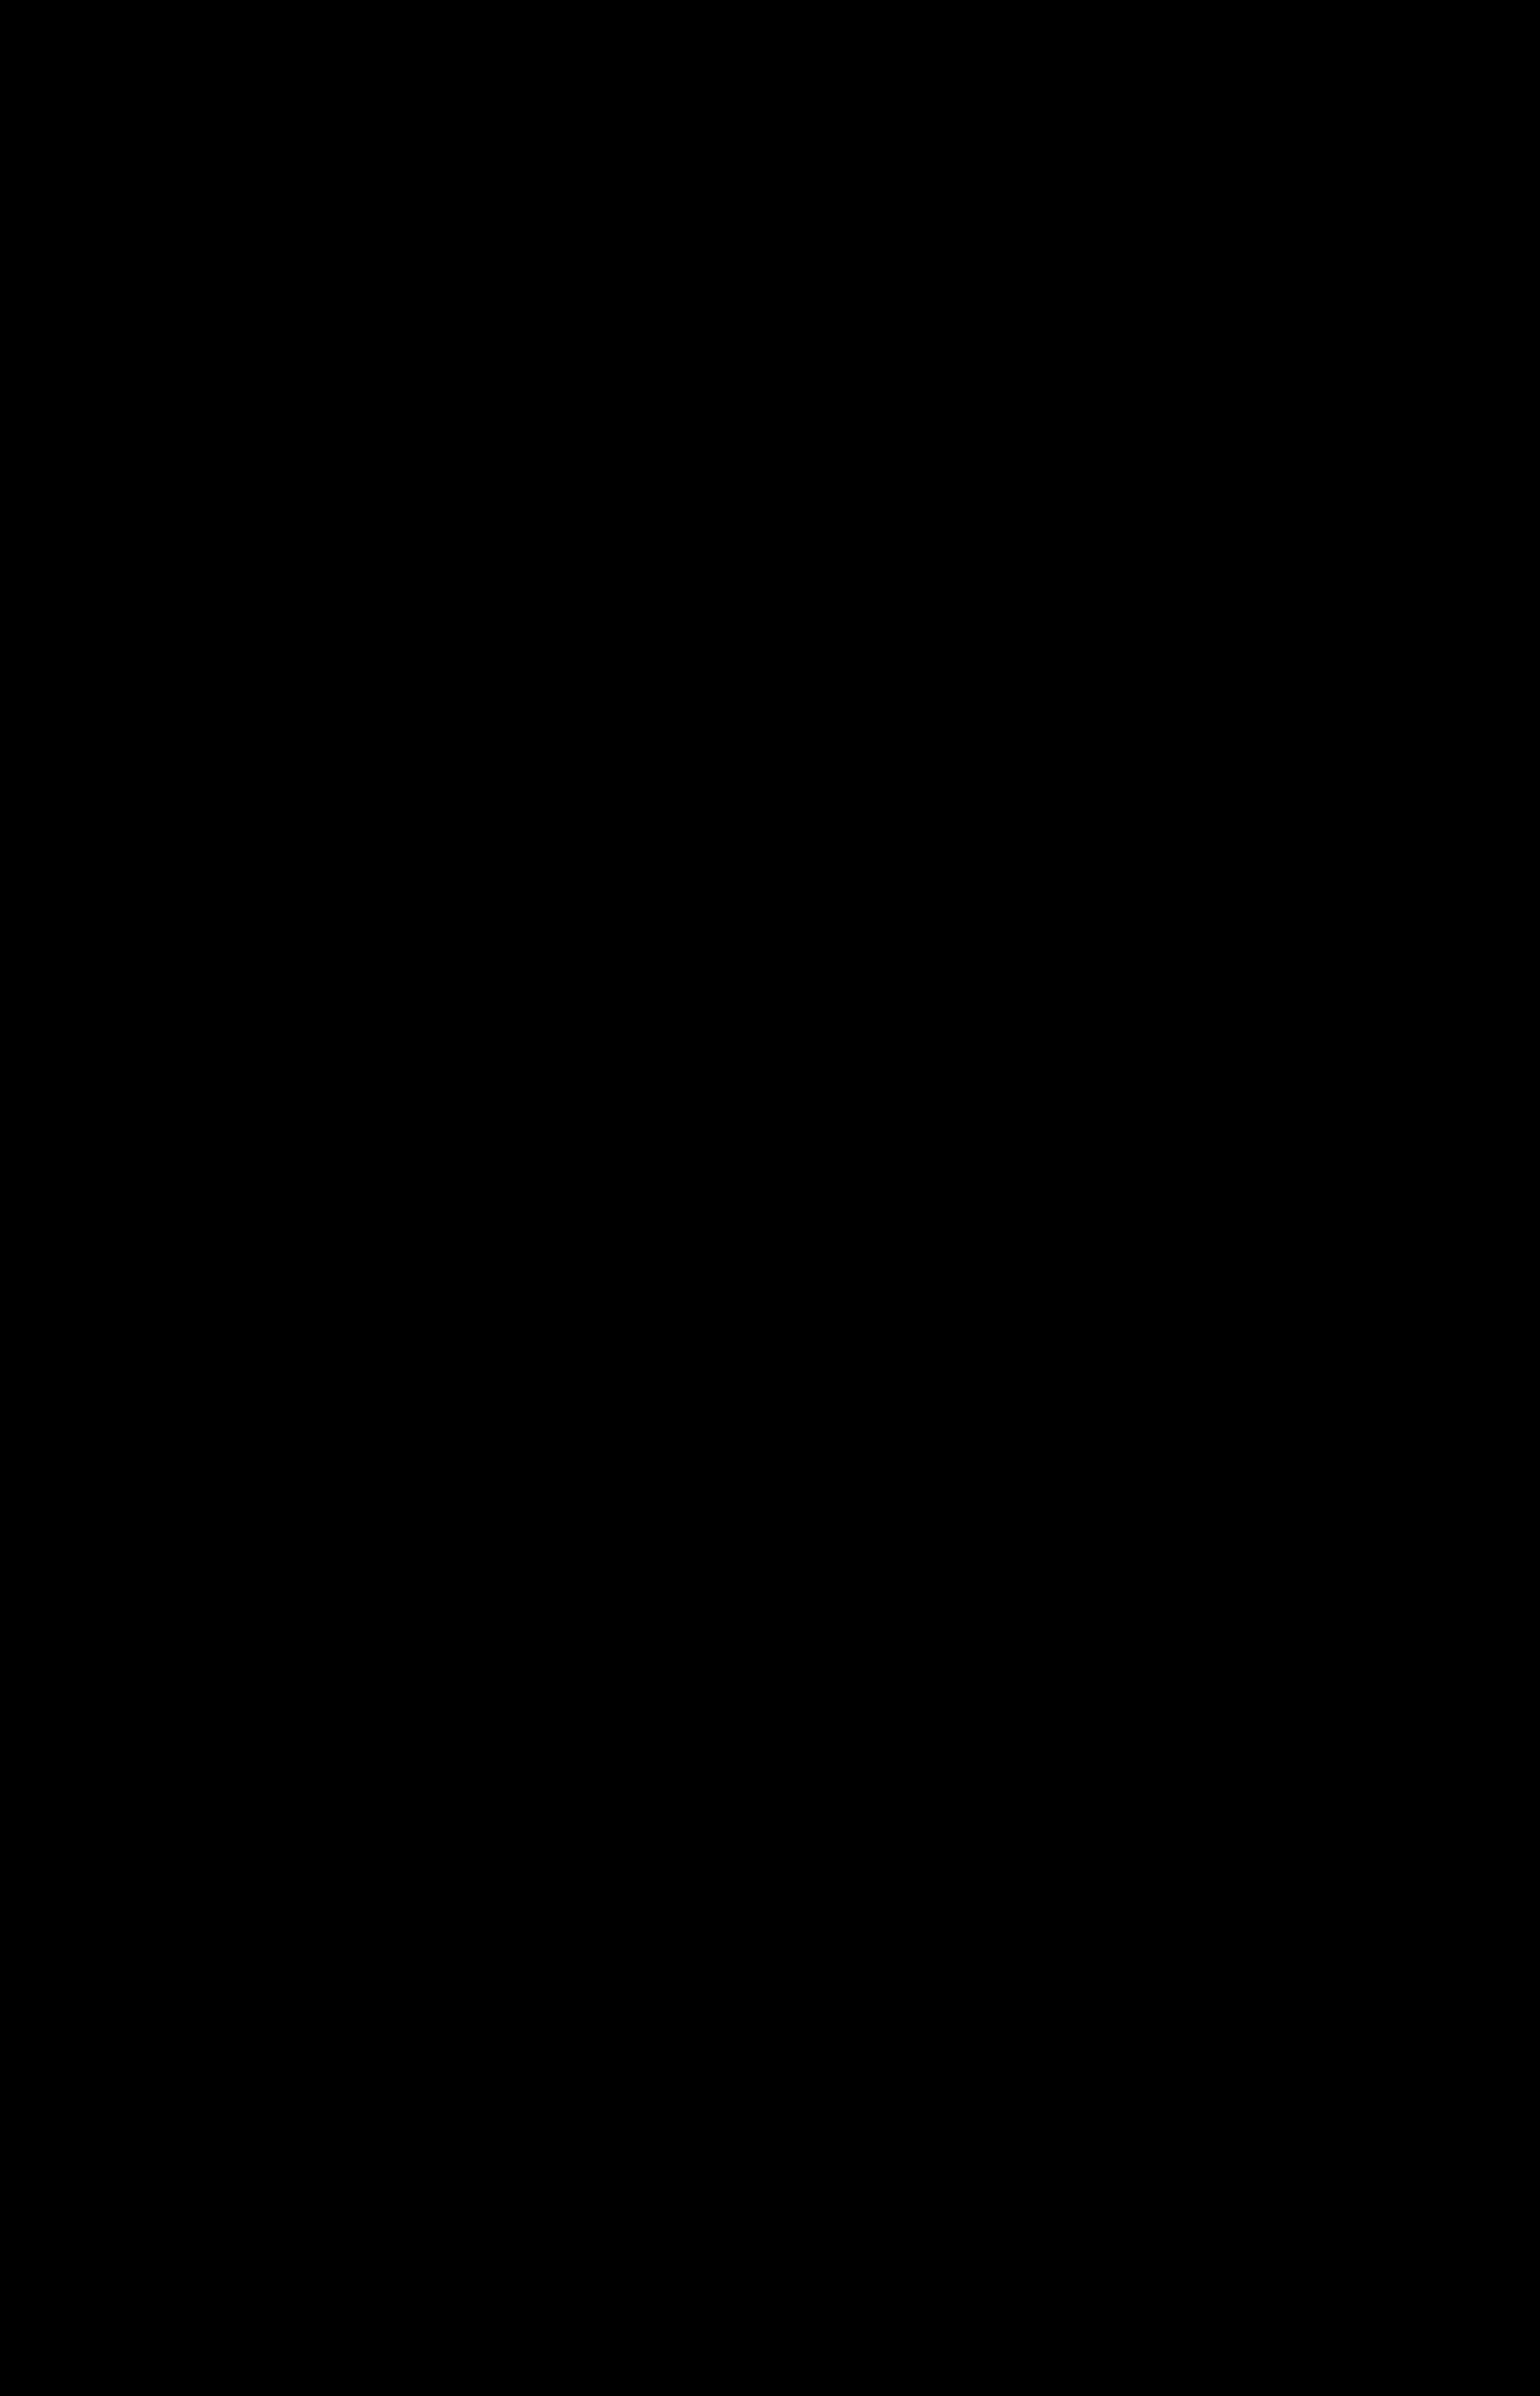 Tänkandets maskineri